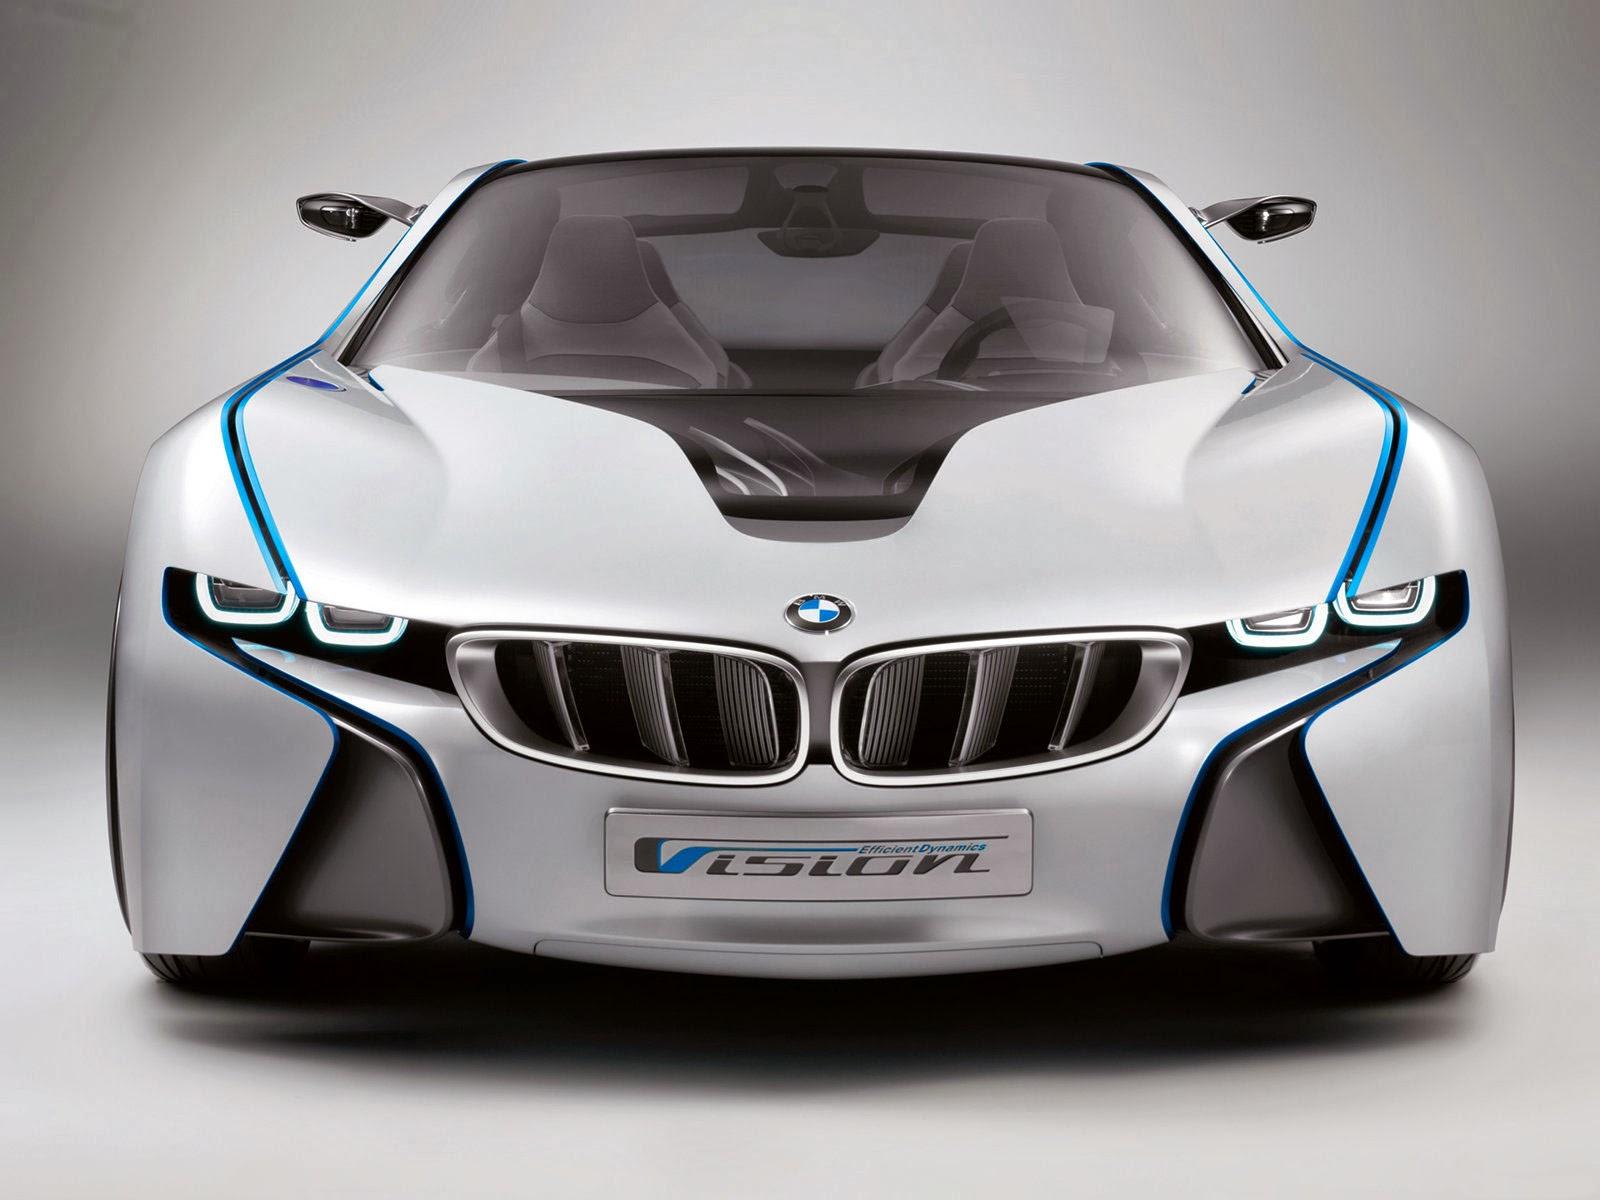 Wallpaper Mobil Sport Mewah: Gambar-gambar Mobil Sedan Modifikasi Sport Mewah Dan Terbaru